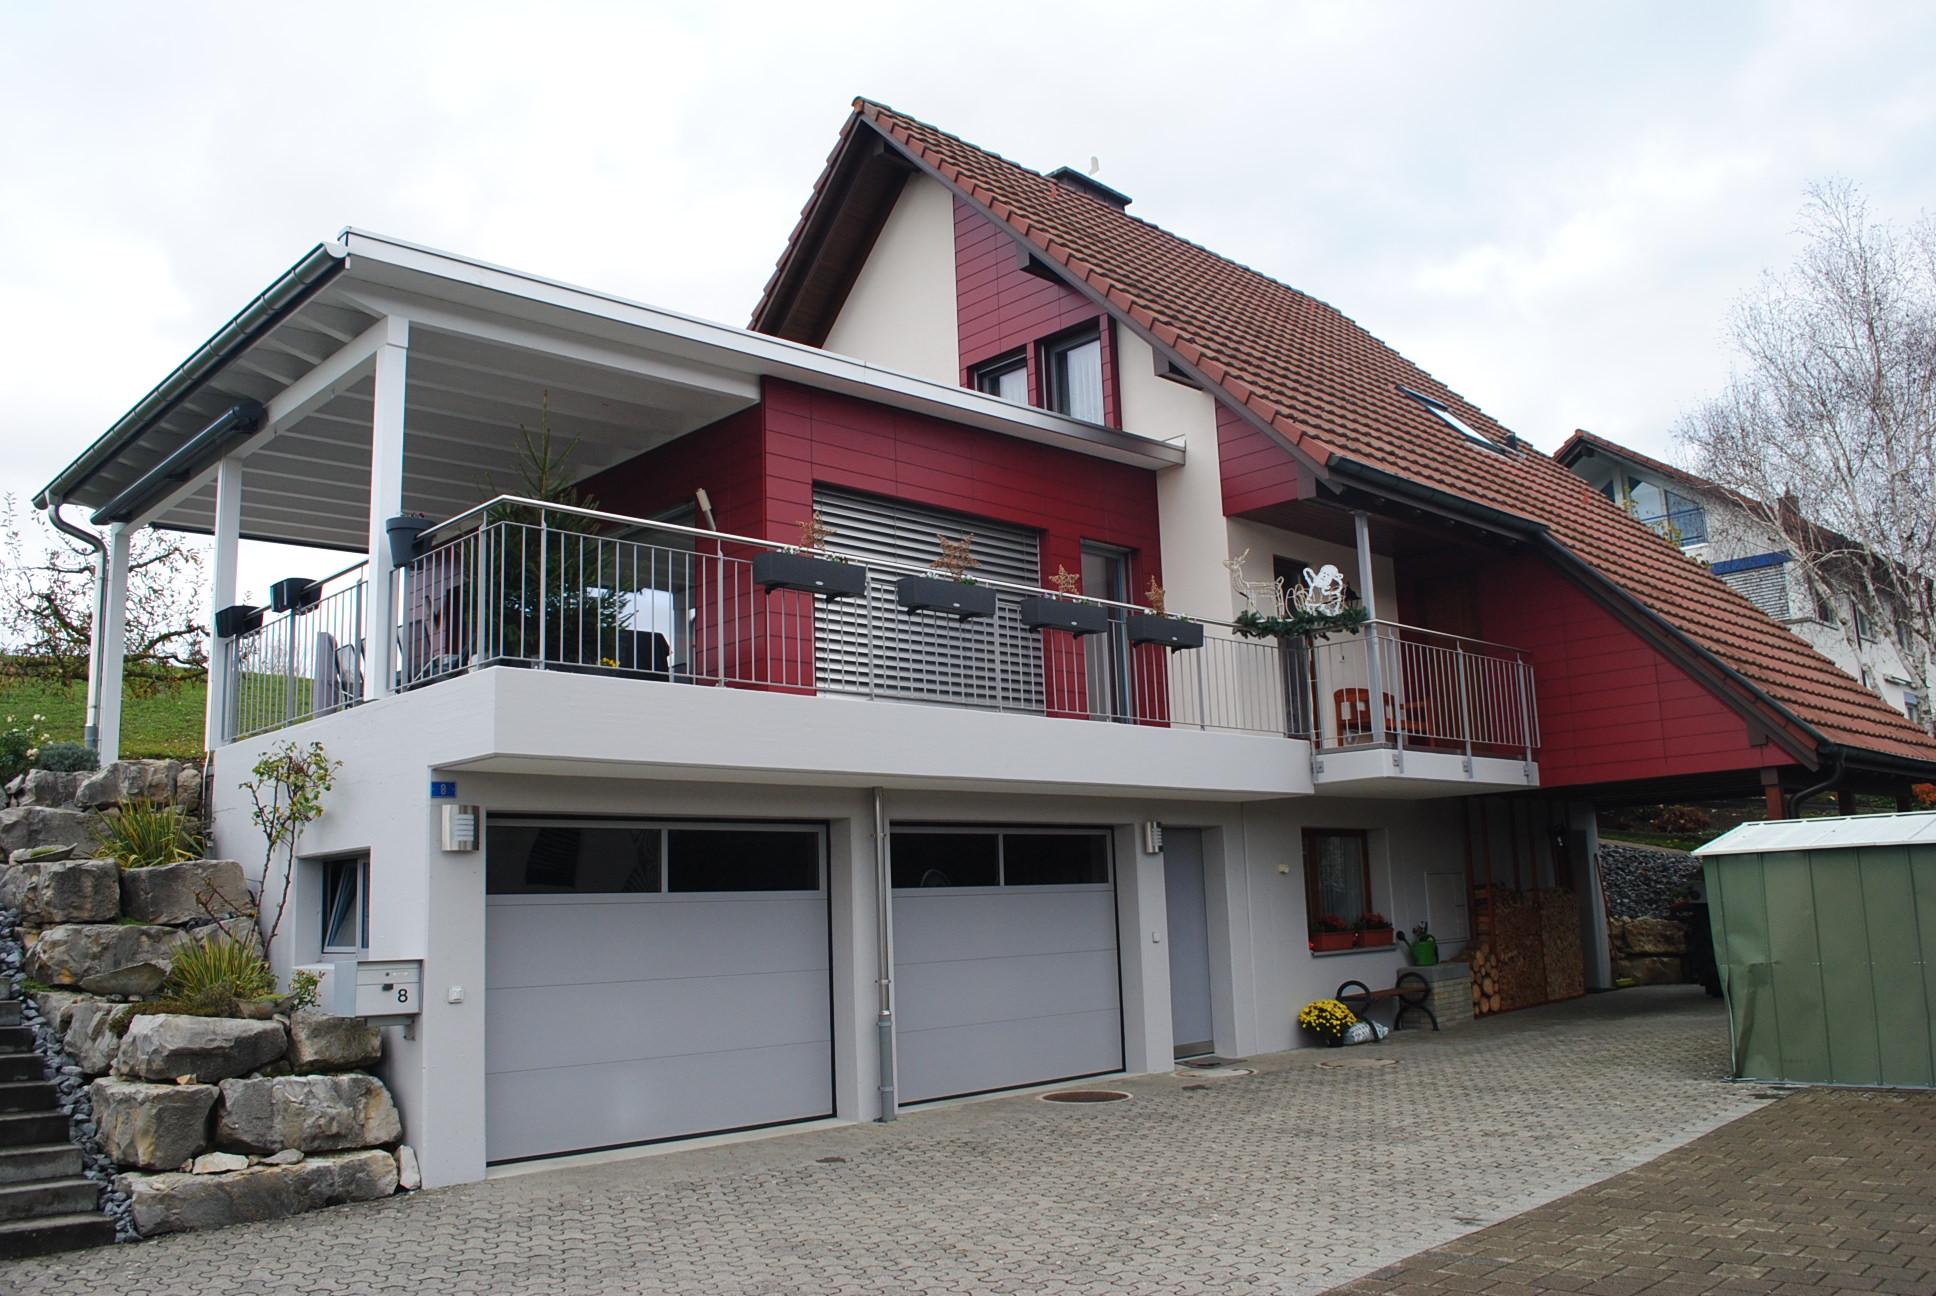 Fassade,Gipf-Oberfrick